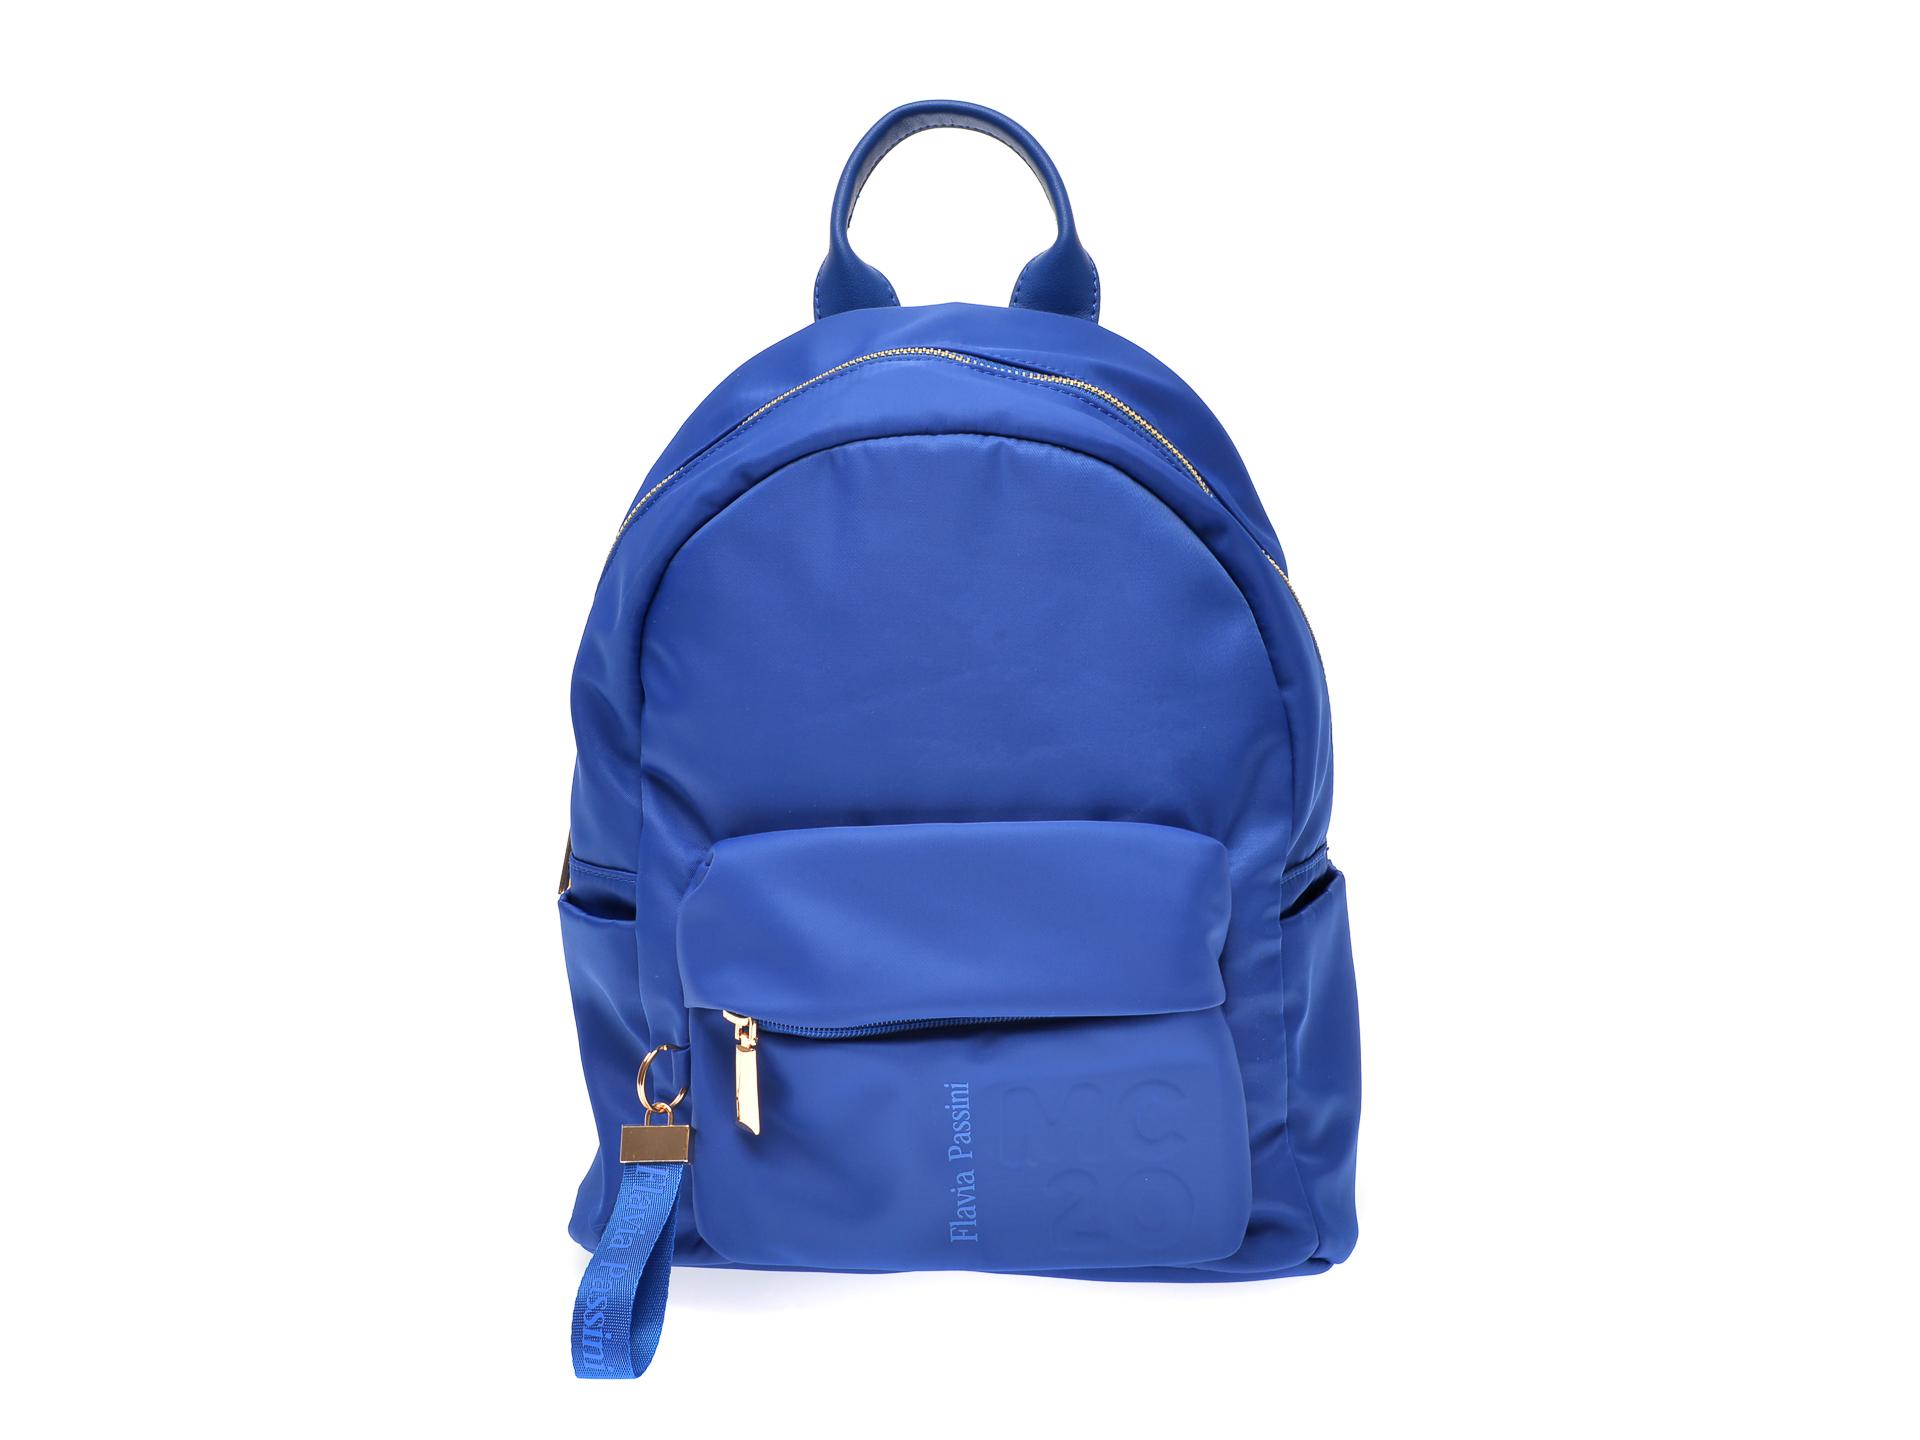 Rucsac FLAVIA PASSINI albastru, B29700, din material textil imagine